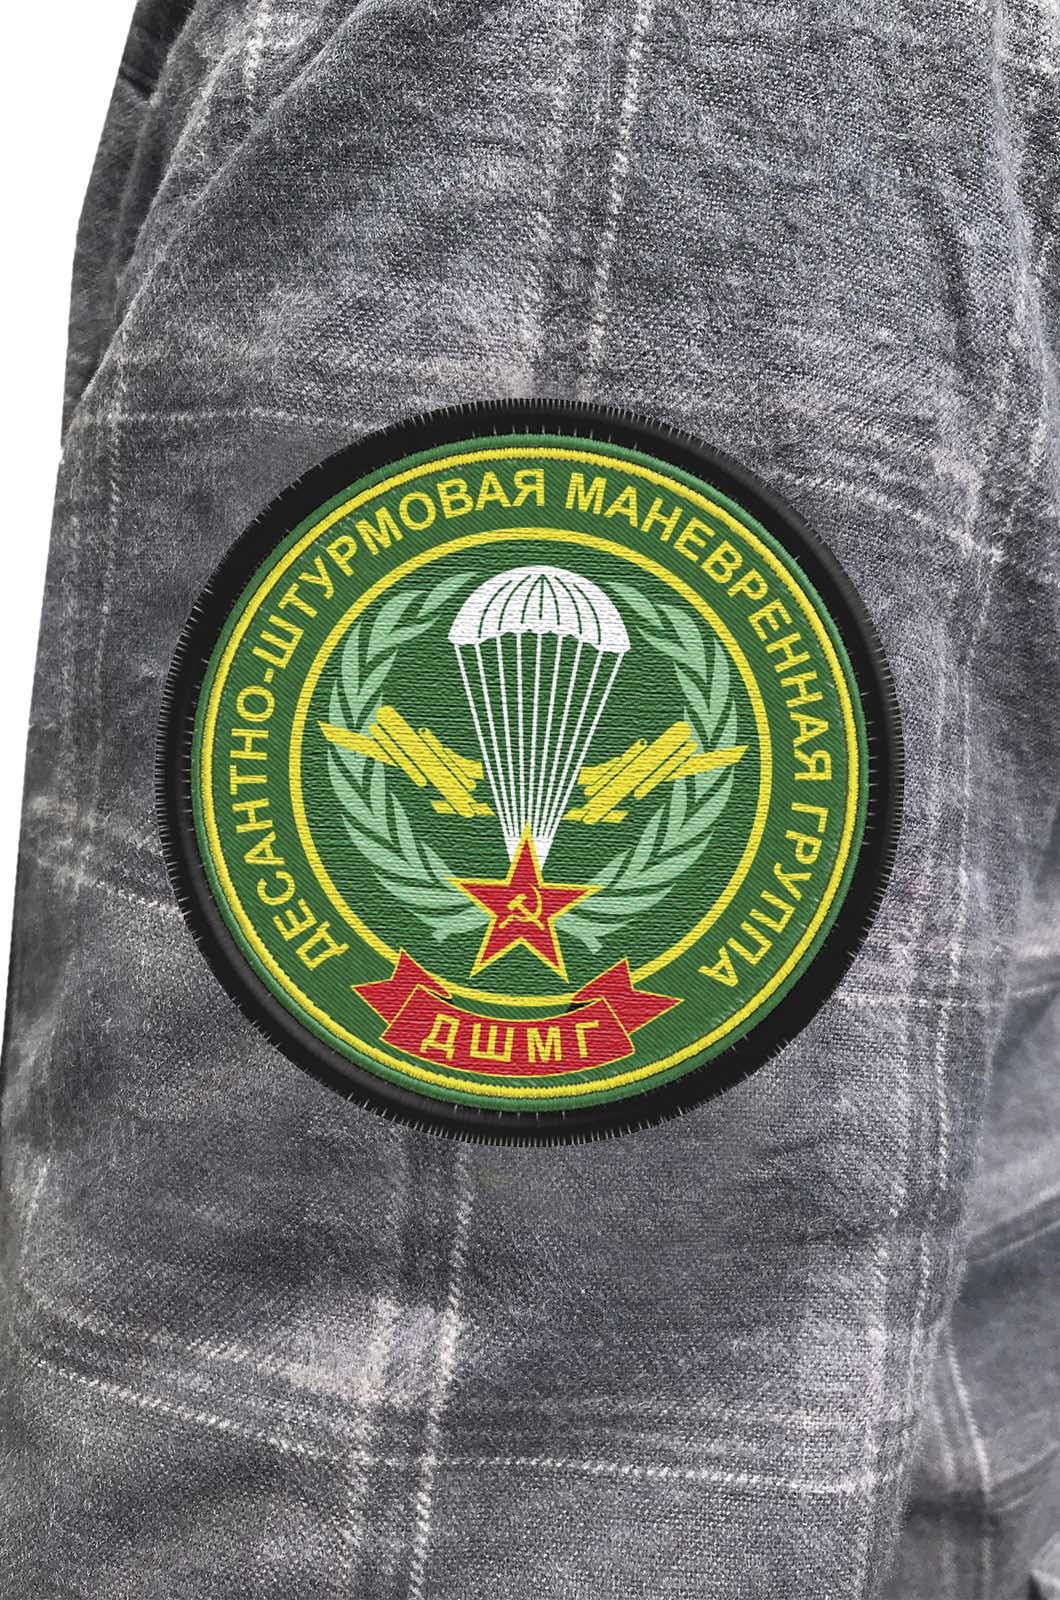 Строгая мужская рубашка с вышитым шевроном ДШМГ - купить выгодно